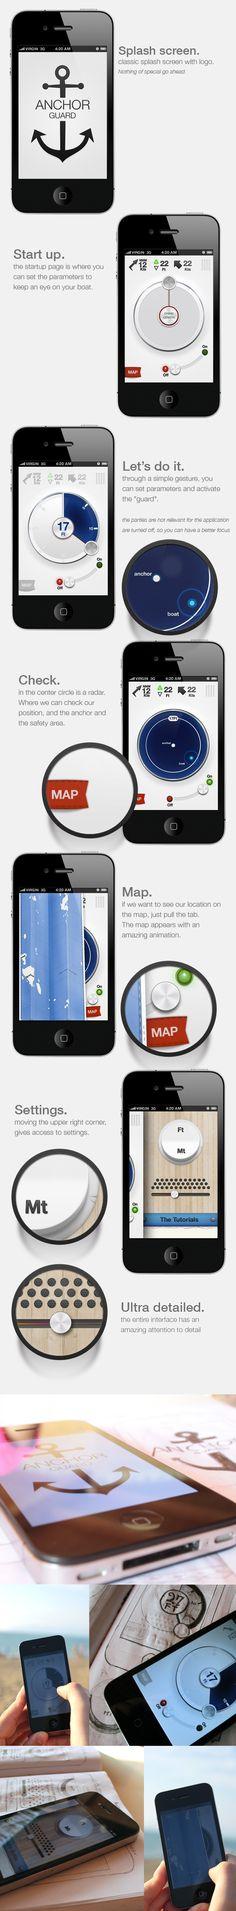 Anchor Guard (for iOS) by Marco Nenzi, via Behance | #uxinspiration